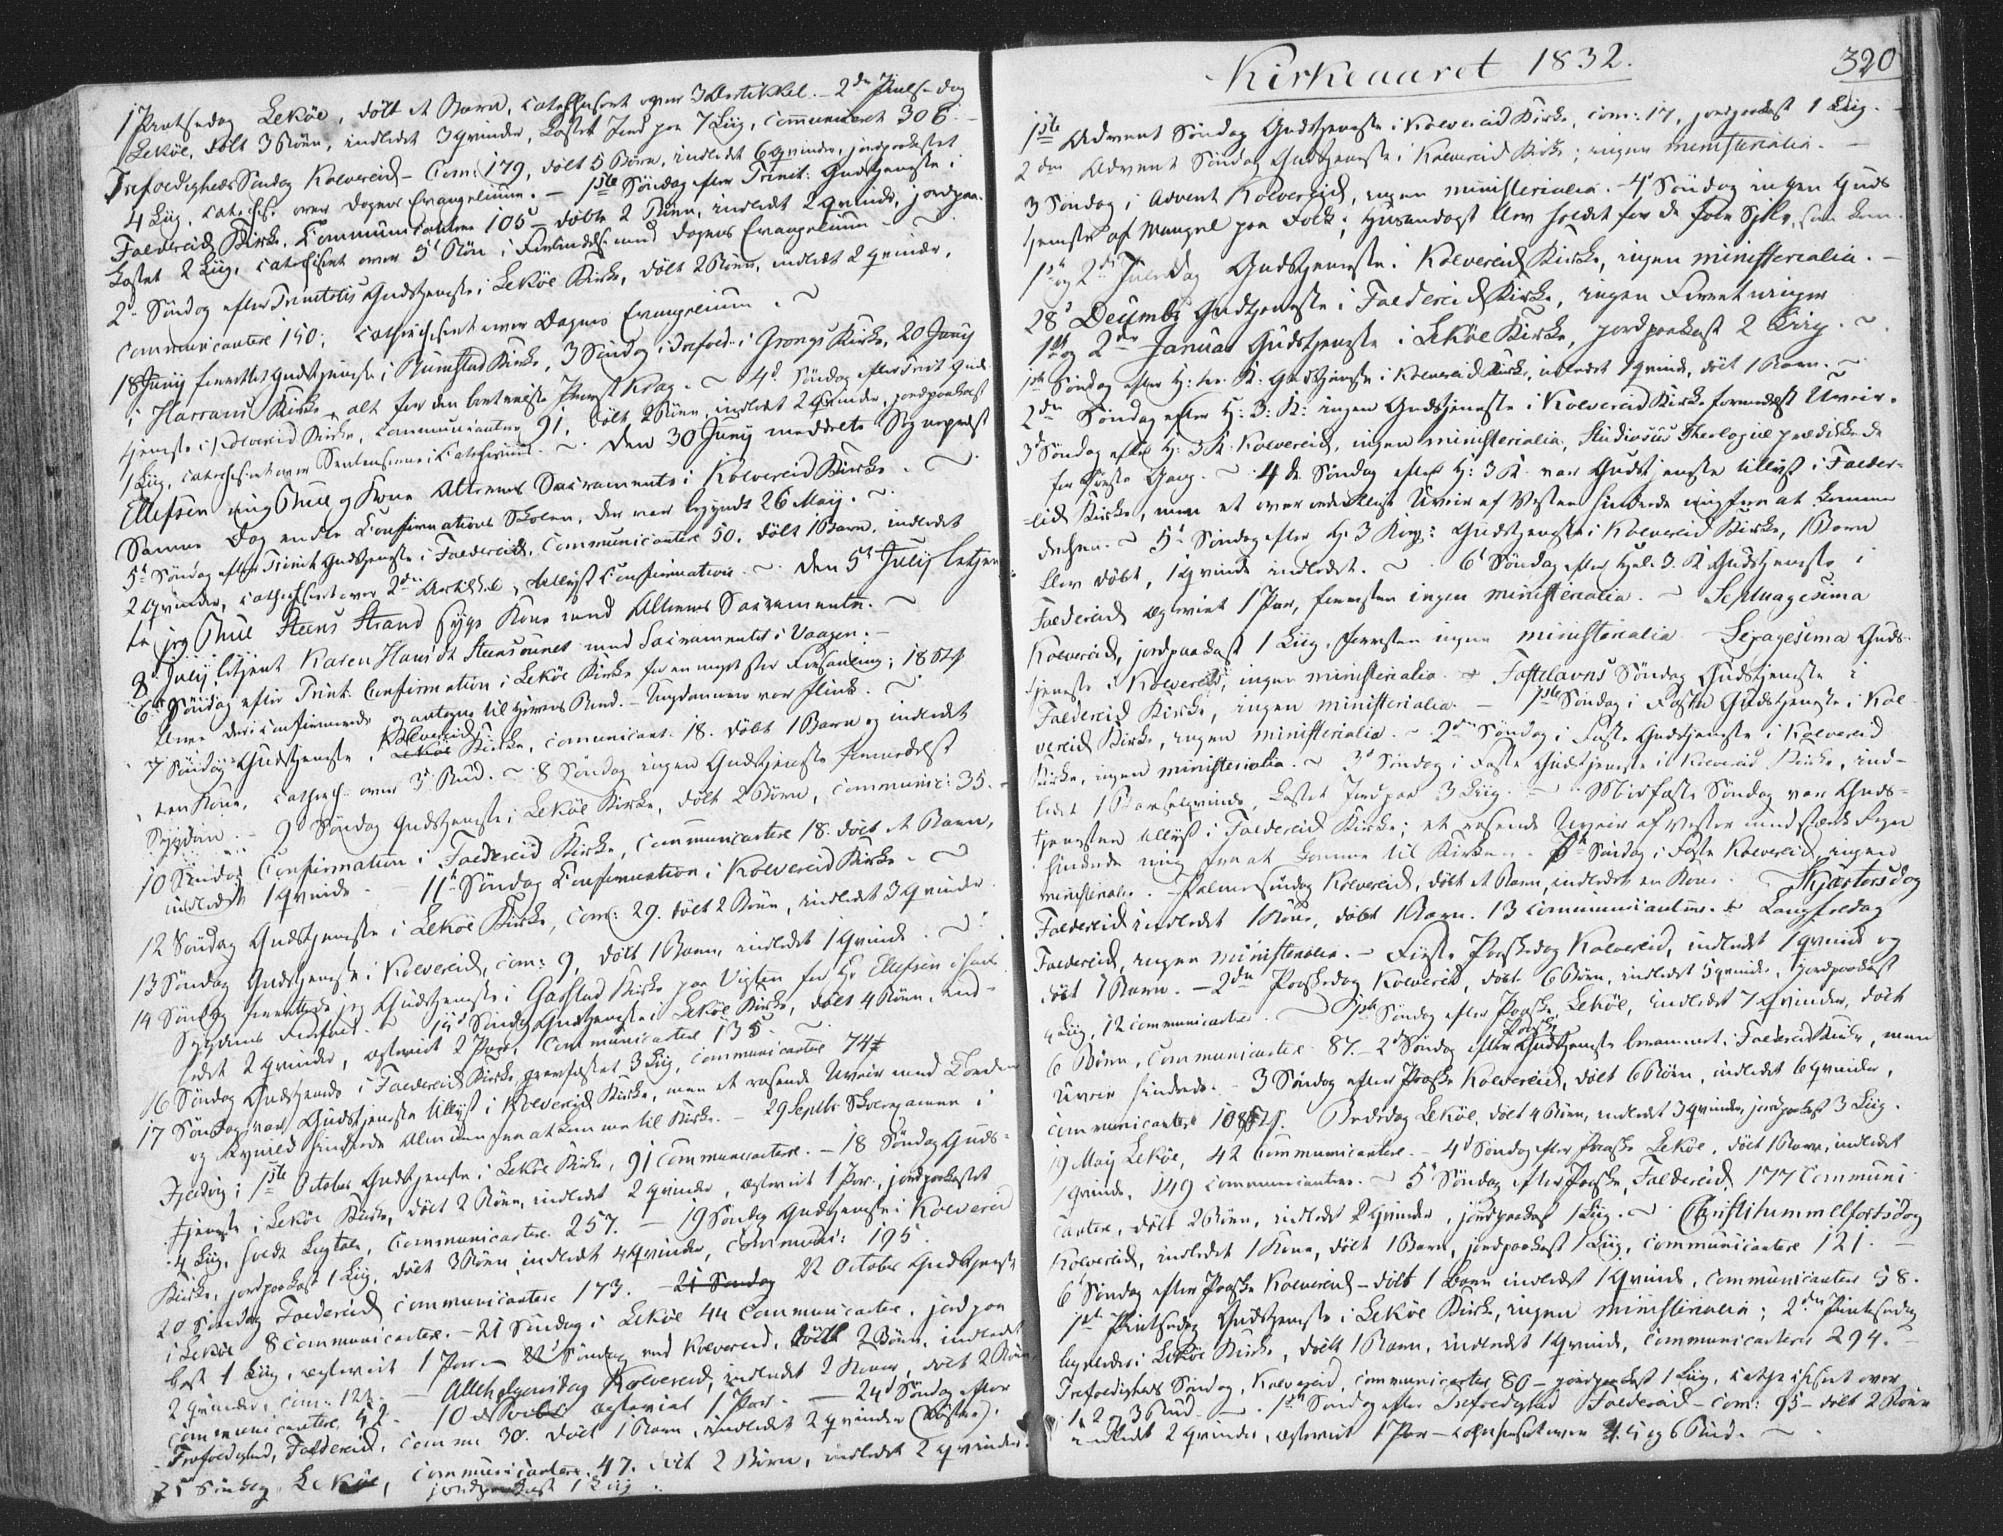 SAT, Ministerialprotokoller, klokkerbøker og fødselsregistre - Nord-Trøndelag, 780/L0639: Ministerialbok nr. 780A04, 1830-1844, s. 320